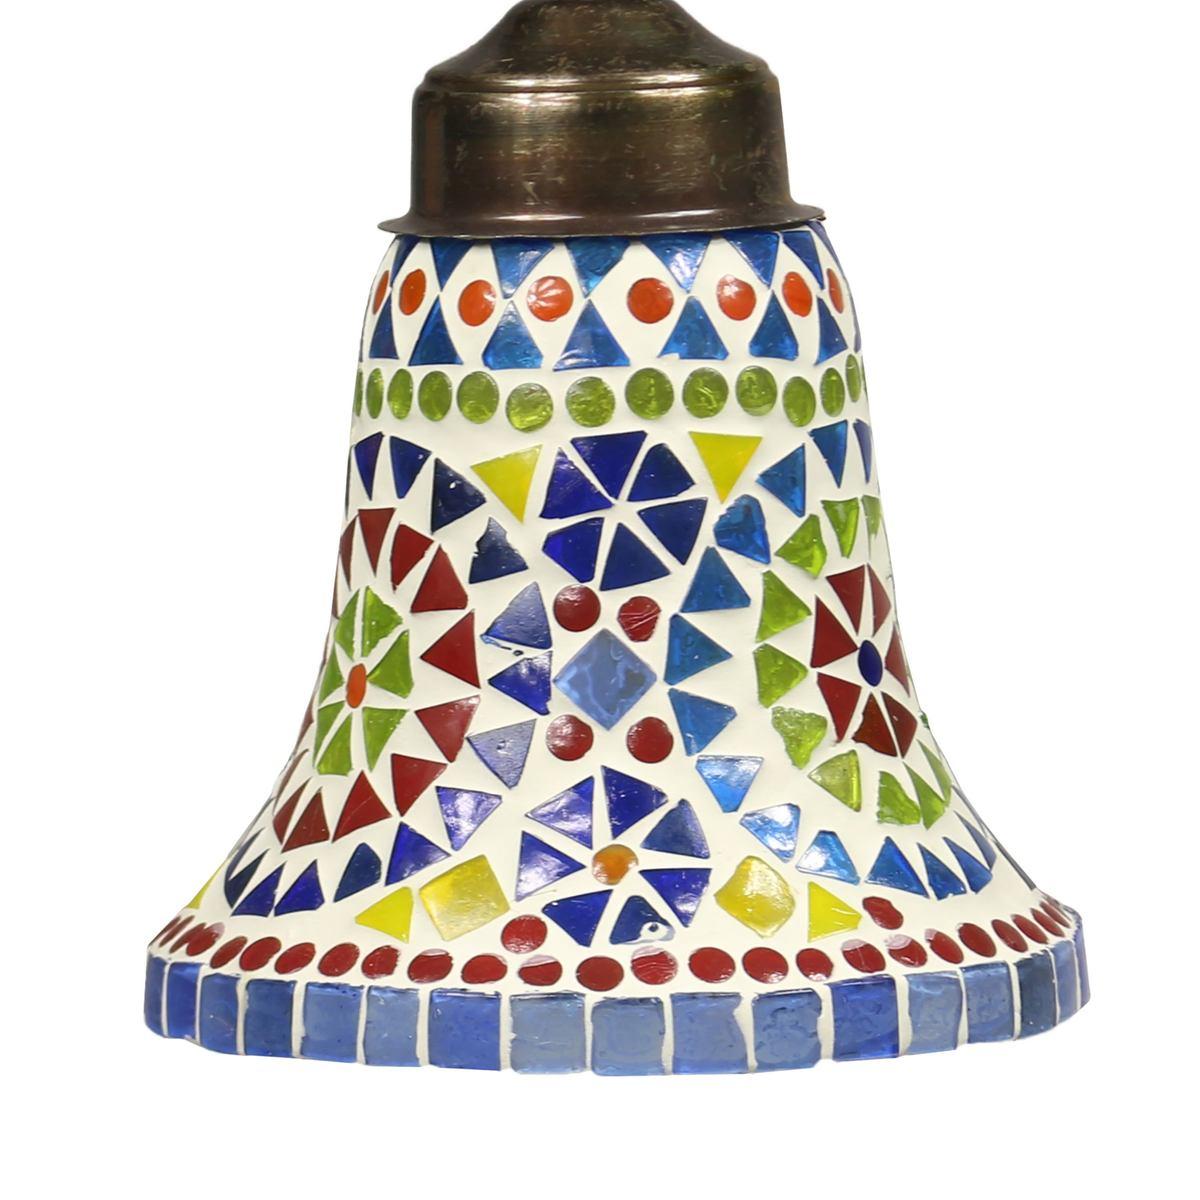 Hange Mosaik Lampen Rund Orientalisch Dekoleuchte Wandleuchte